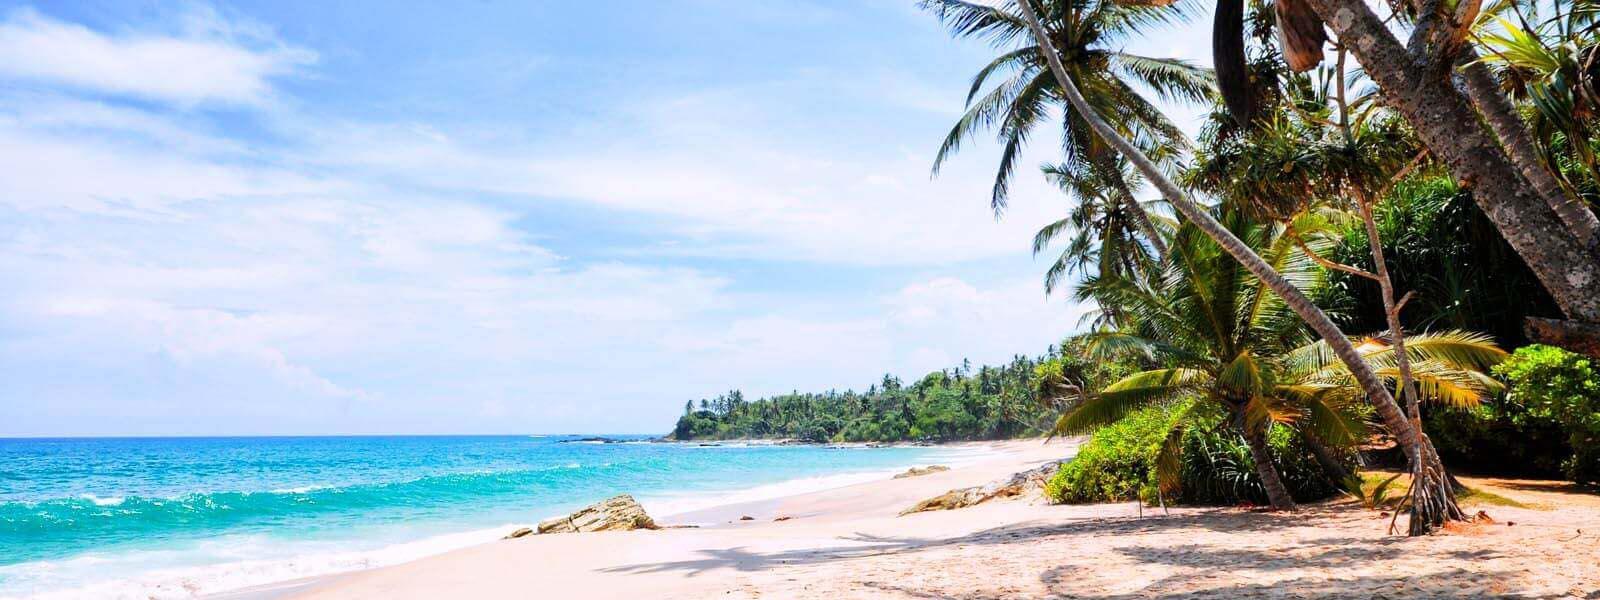 kurzurlaub Sri Lanka